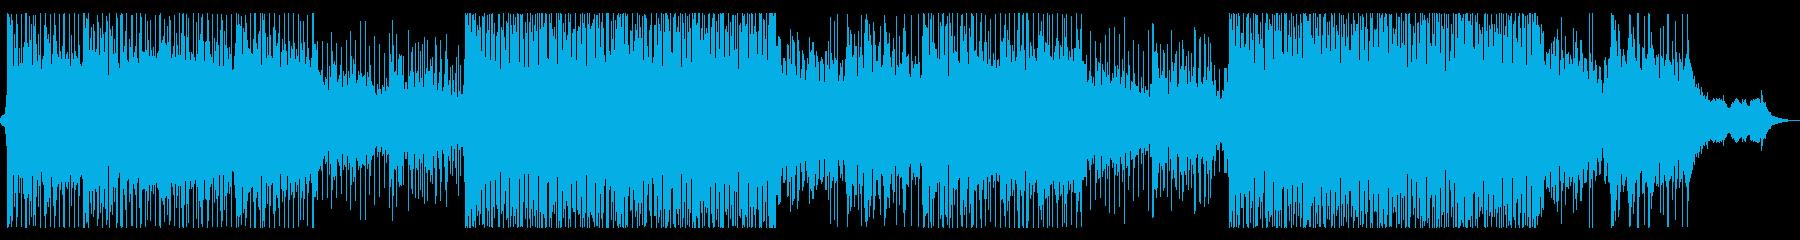 企業VP 前向き オープニング(声無し)の再生済みの波形